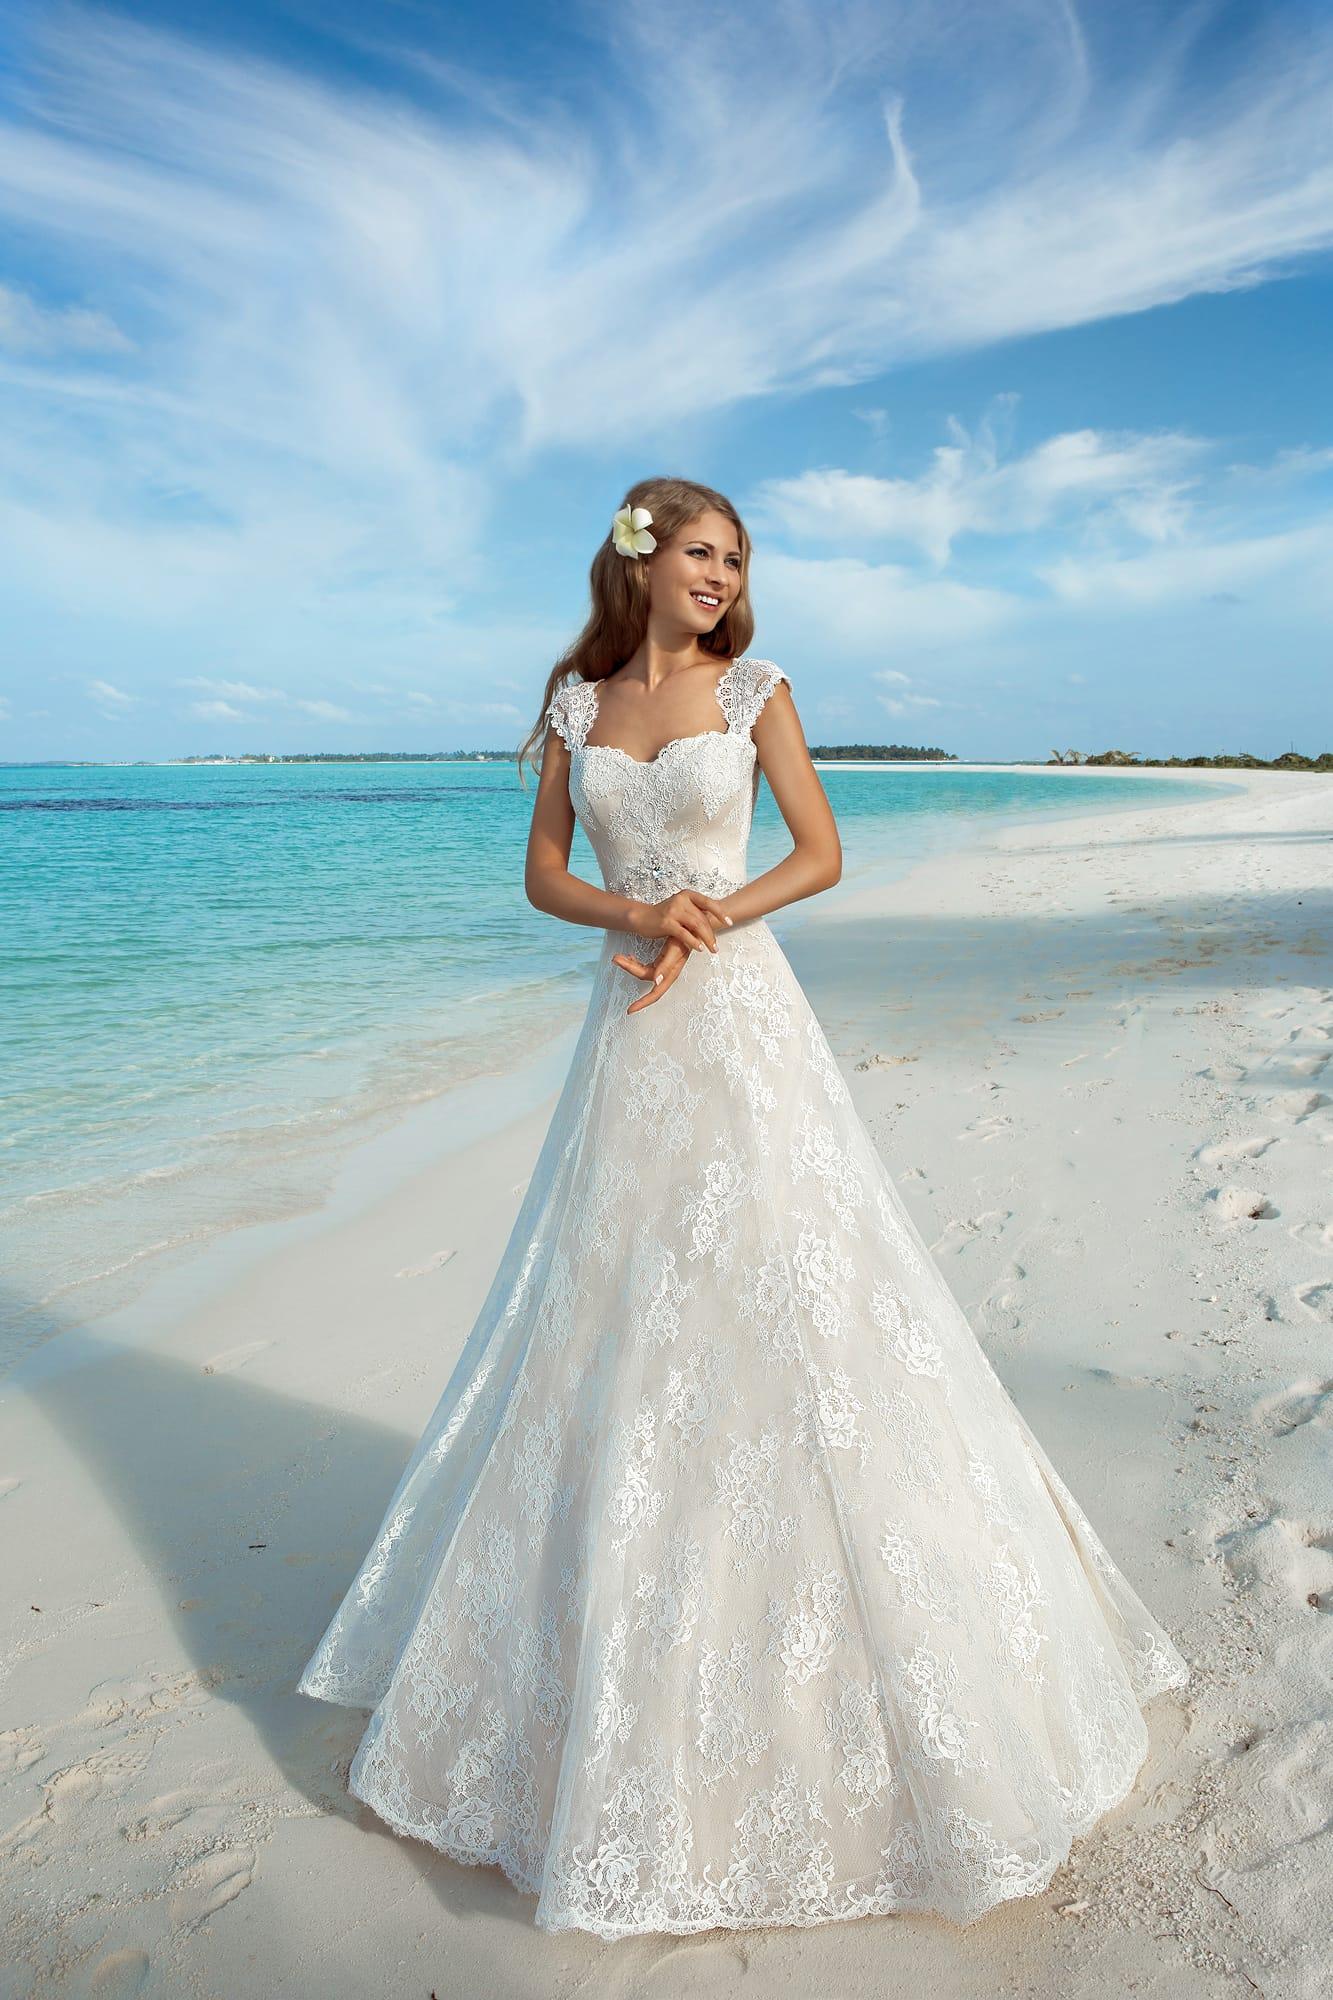 4364f03c1207 Свадебное платье с открытой спинкой и элегантной юбкой А-силуэта на бежевой  подкладке.